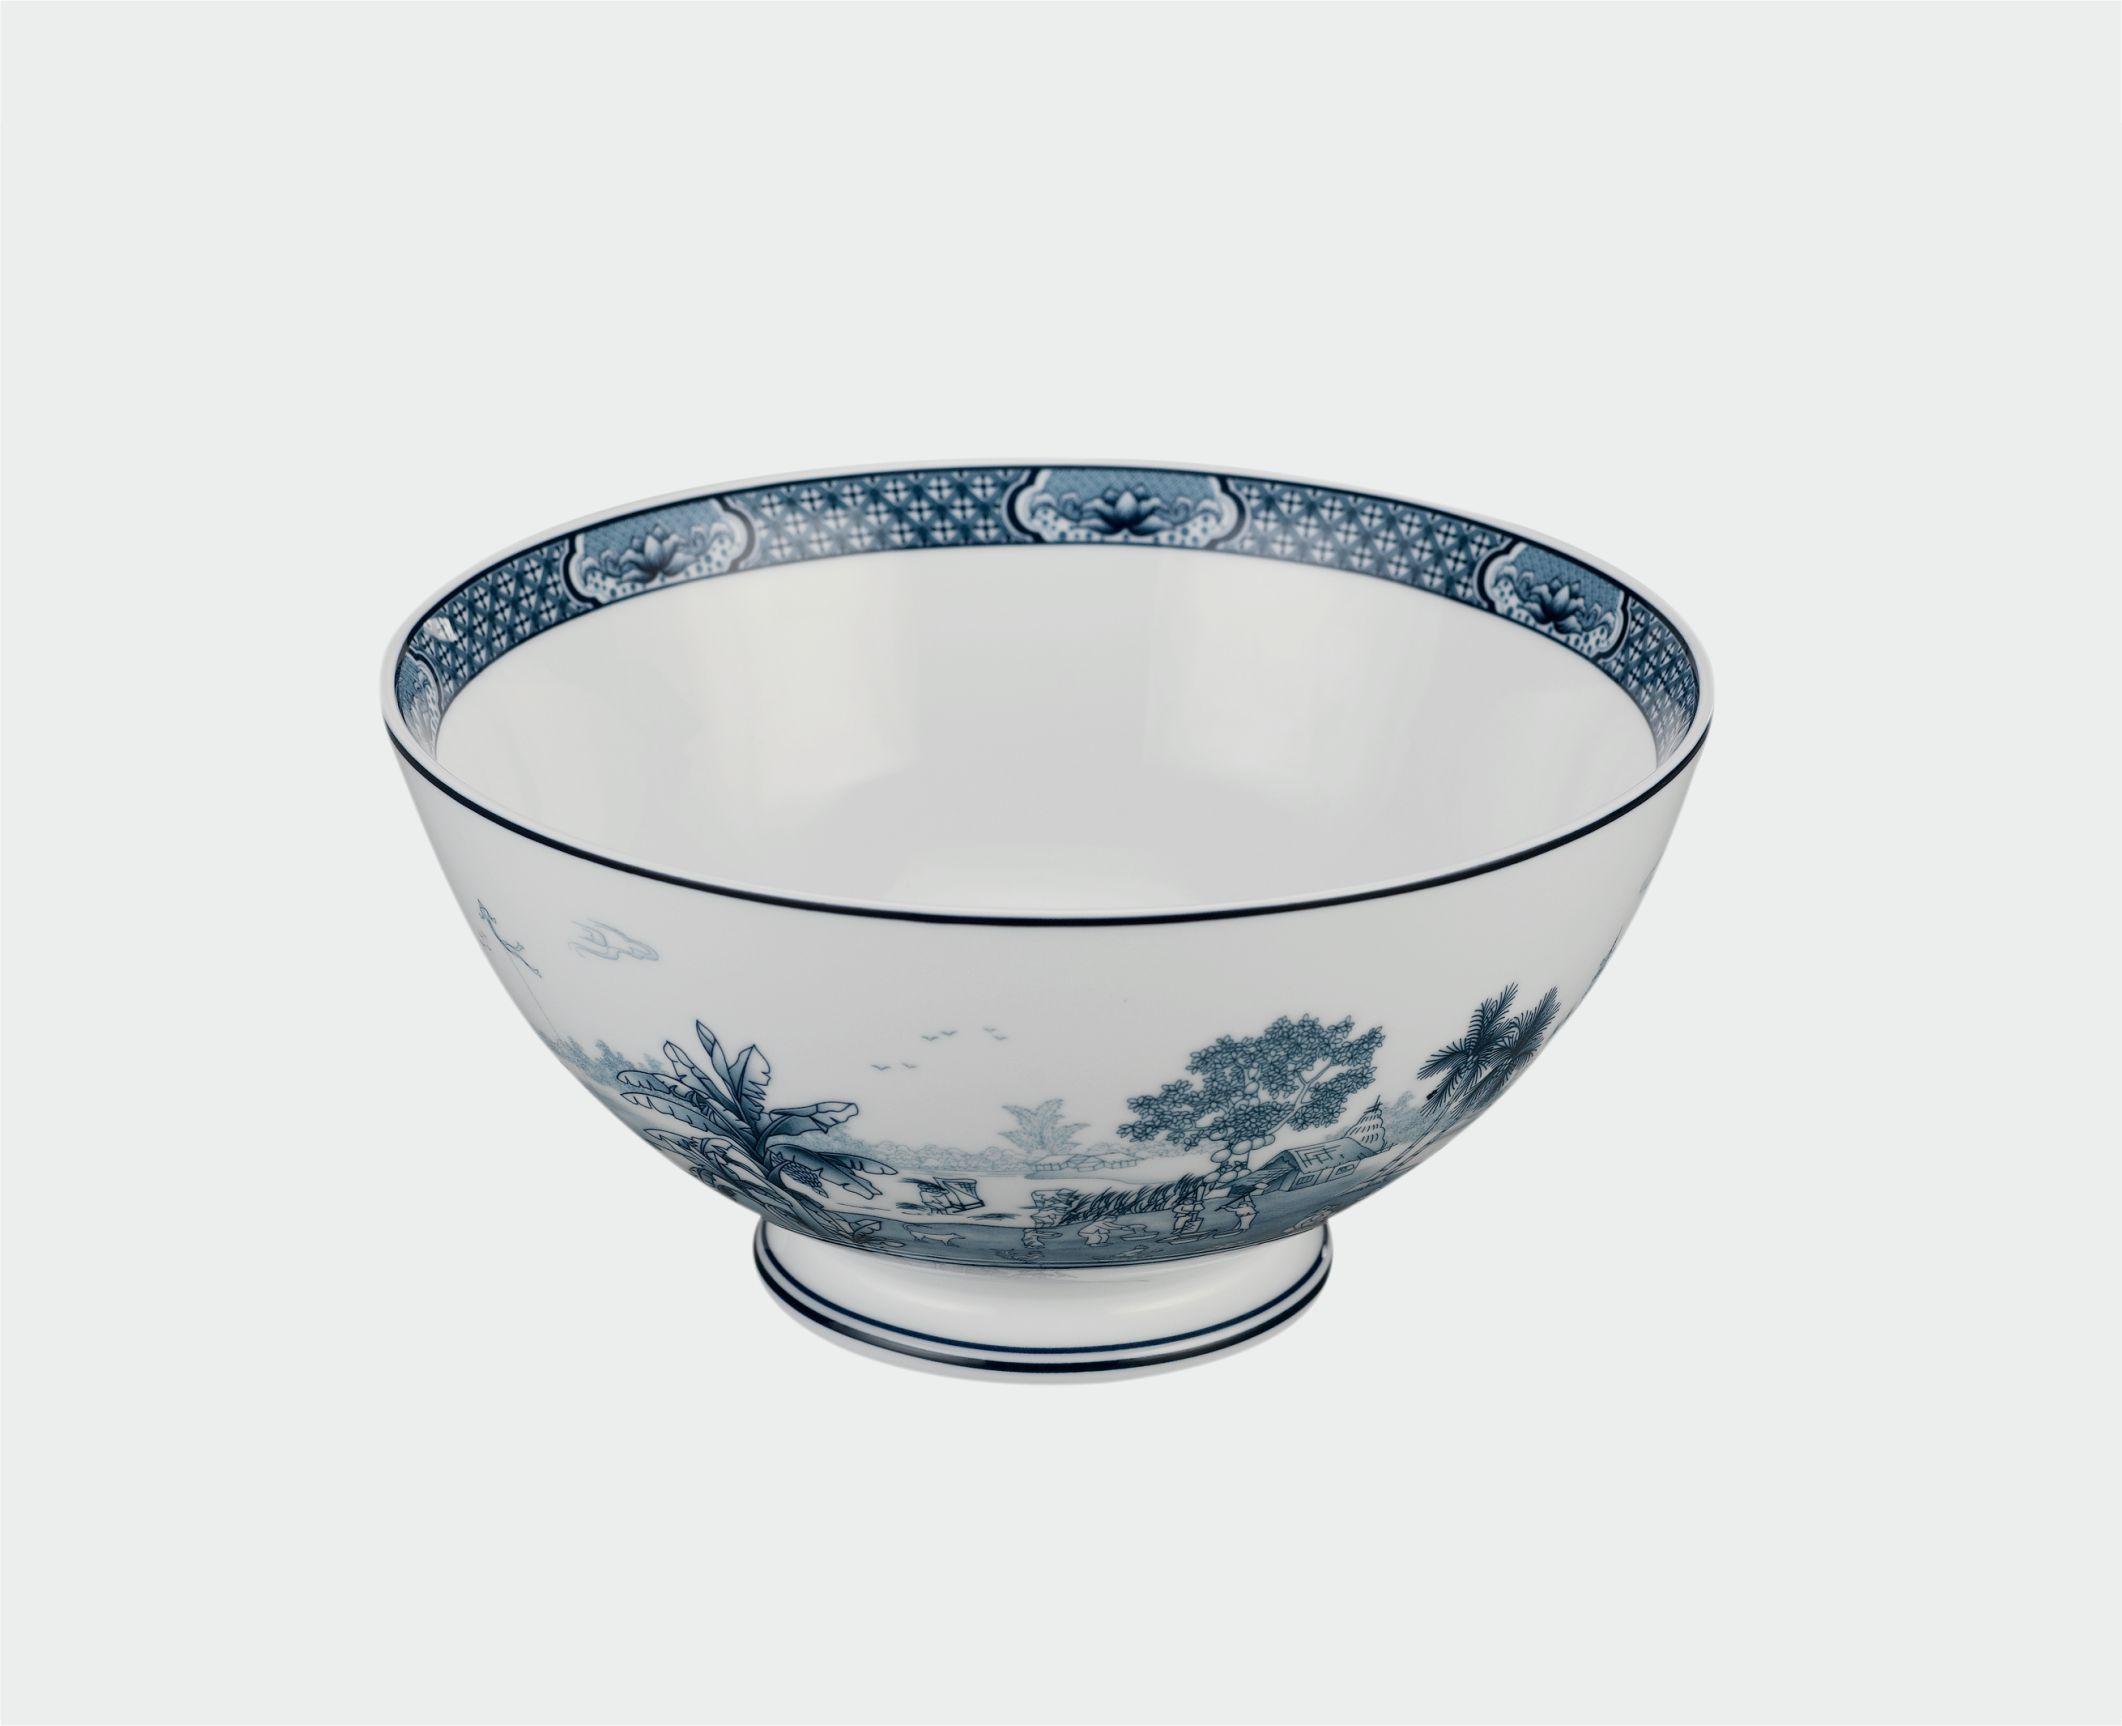 Chén Cơm 11.5cm Hoàng cung Hồn Việt 031122038 Minh Long